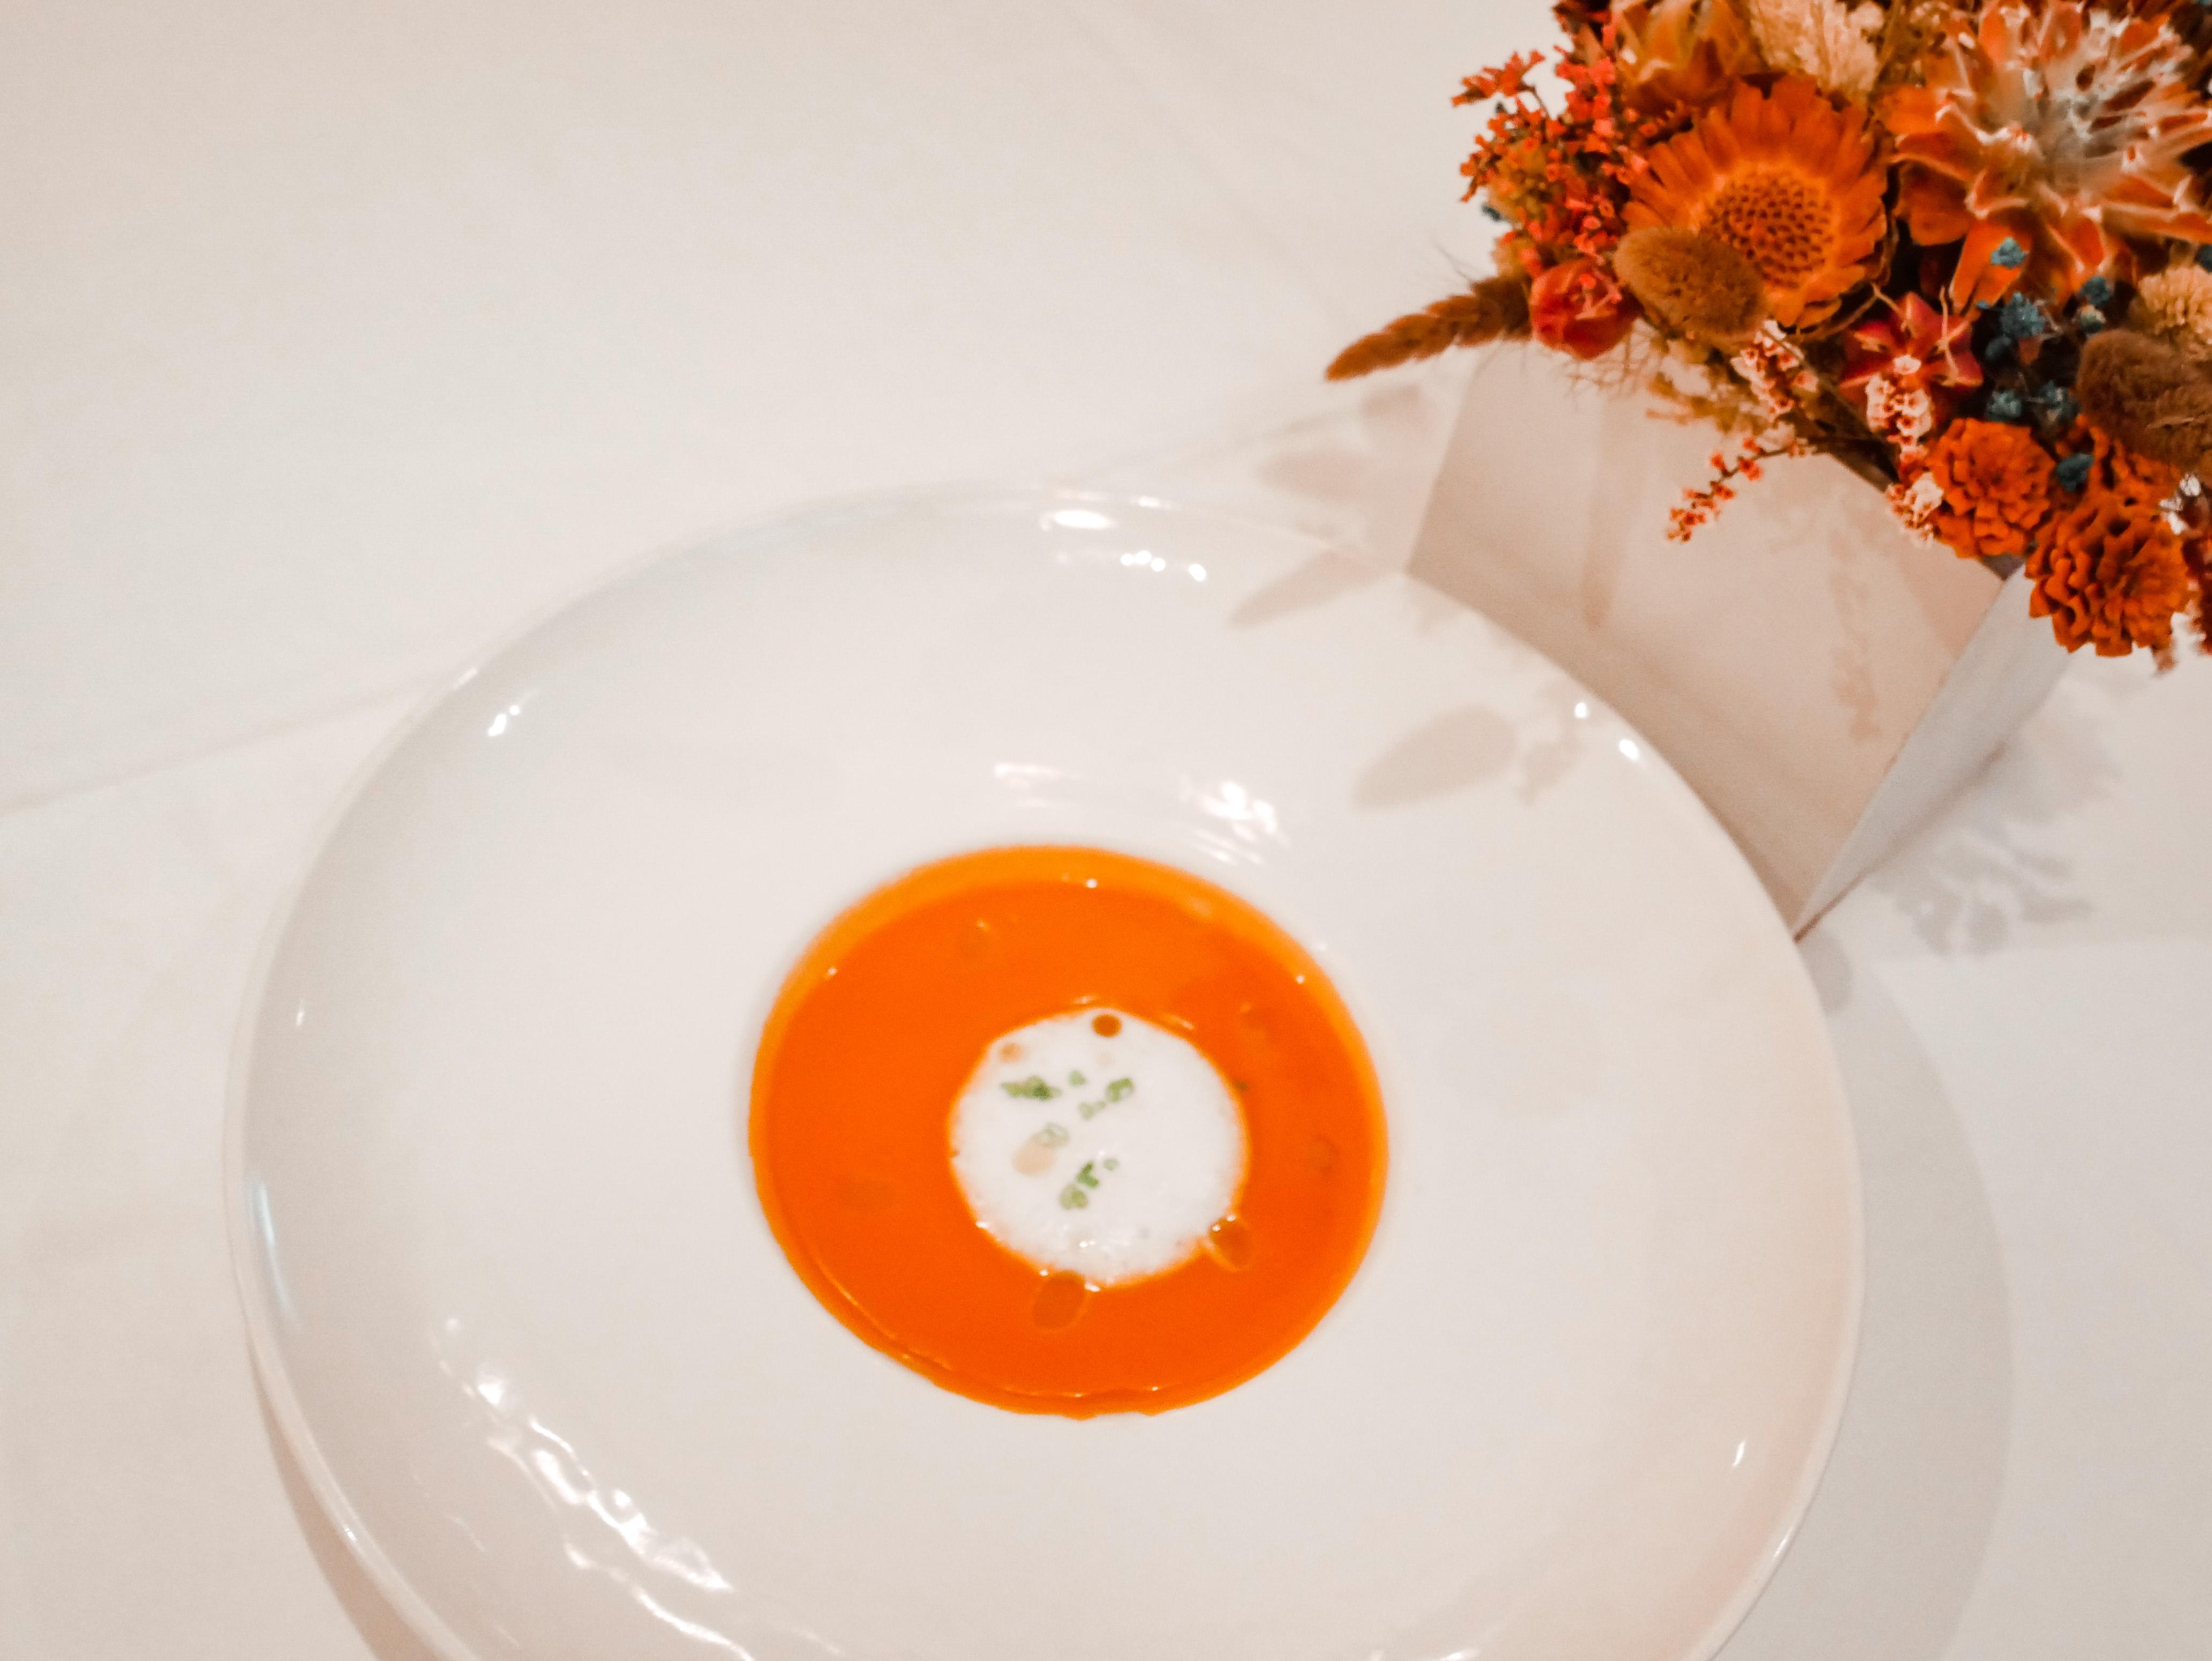 台北私廚推薦|香頌私宅洋樓|午間享用浪漫歐風無菜單料理  當月湯品-奶油蕃茄濃湯